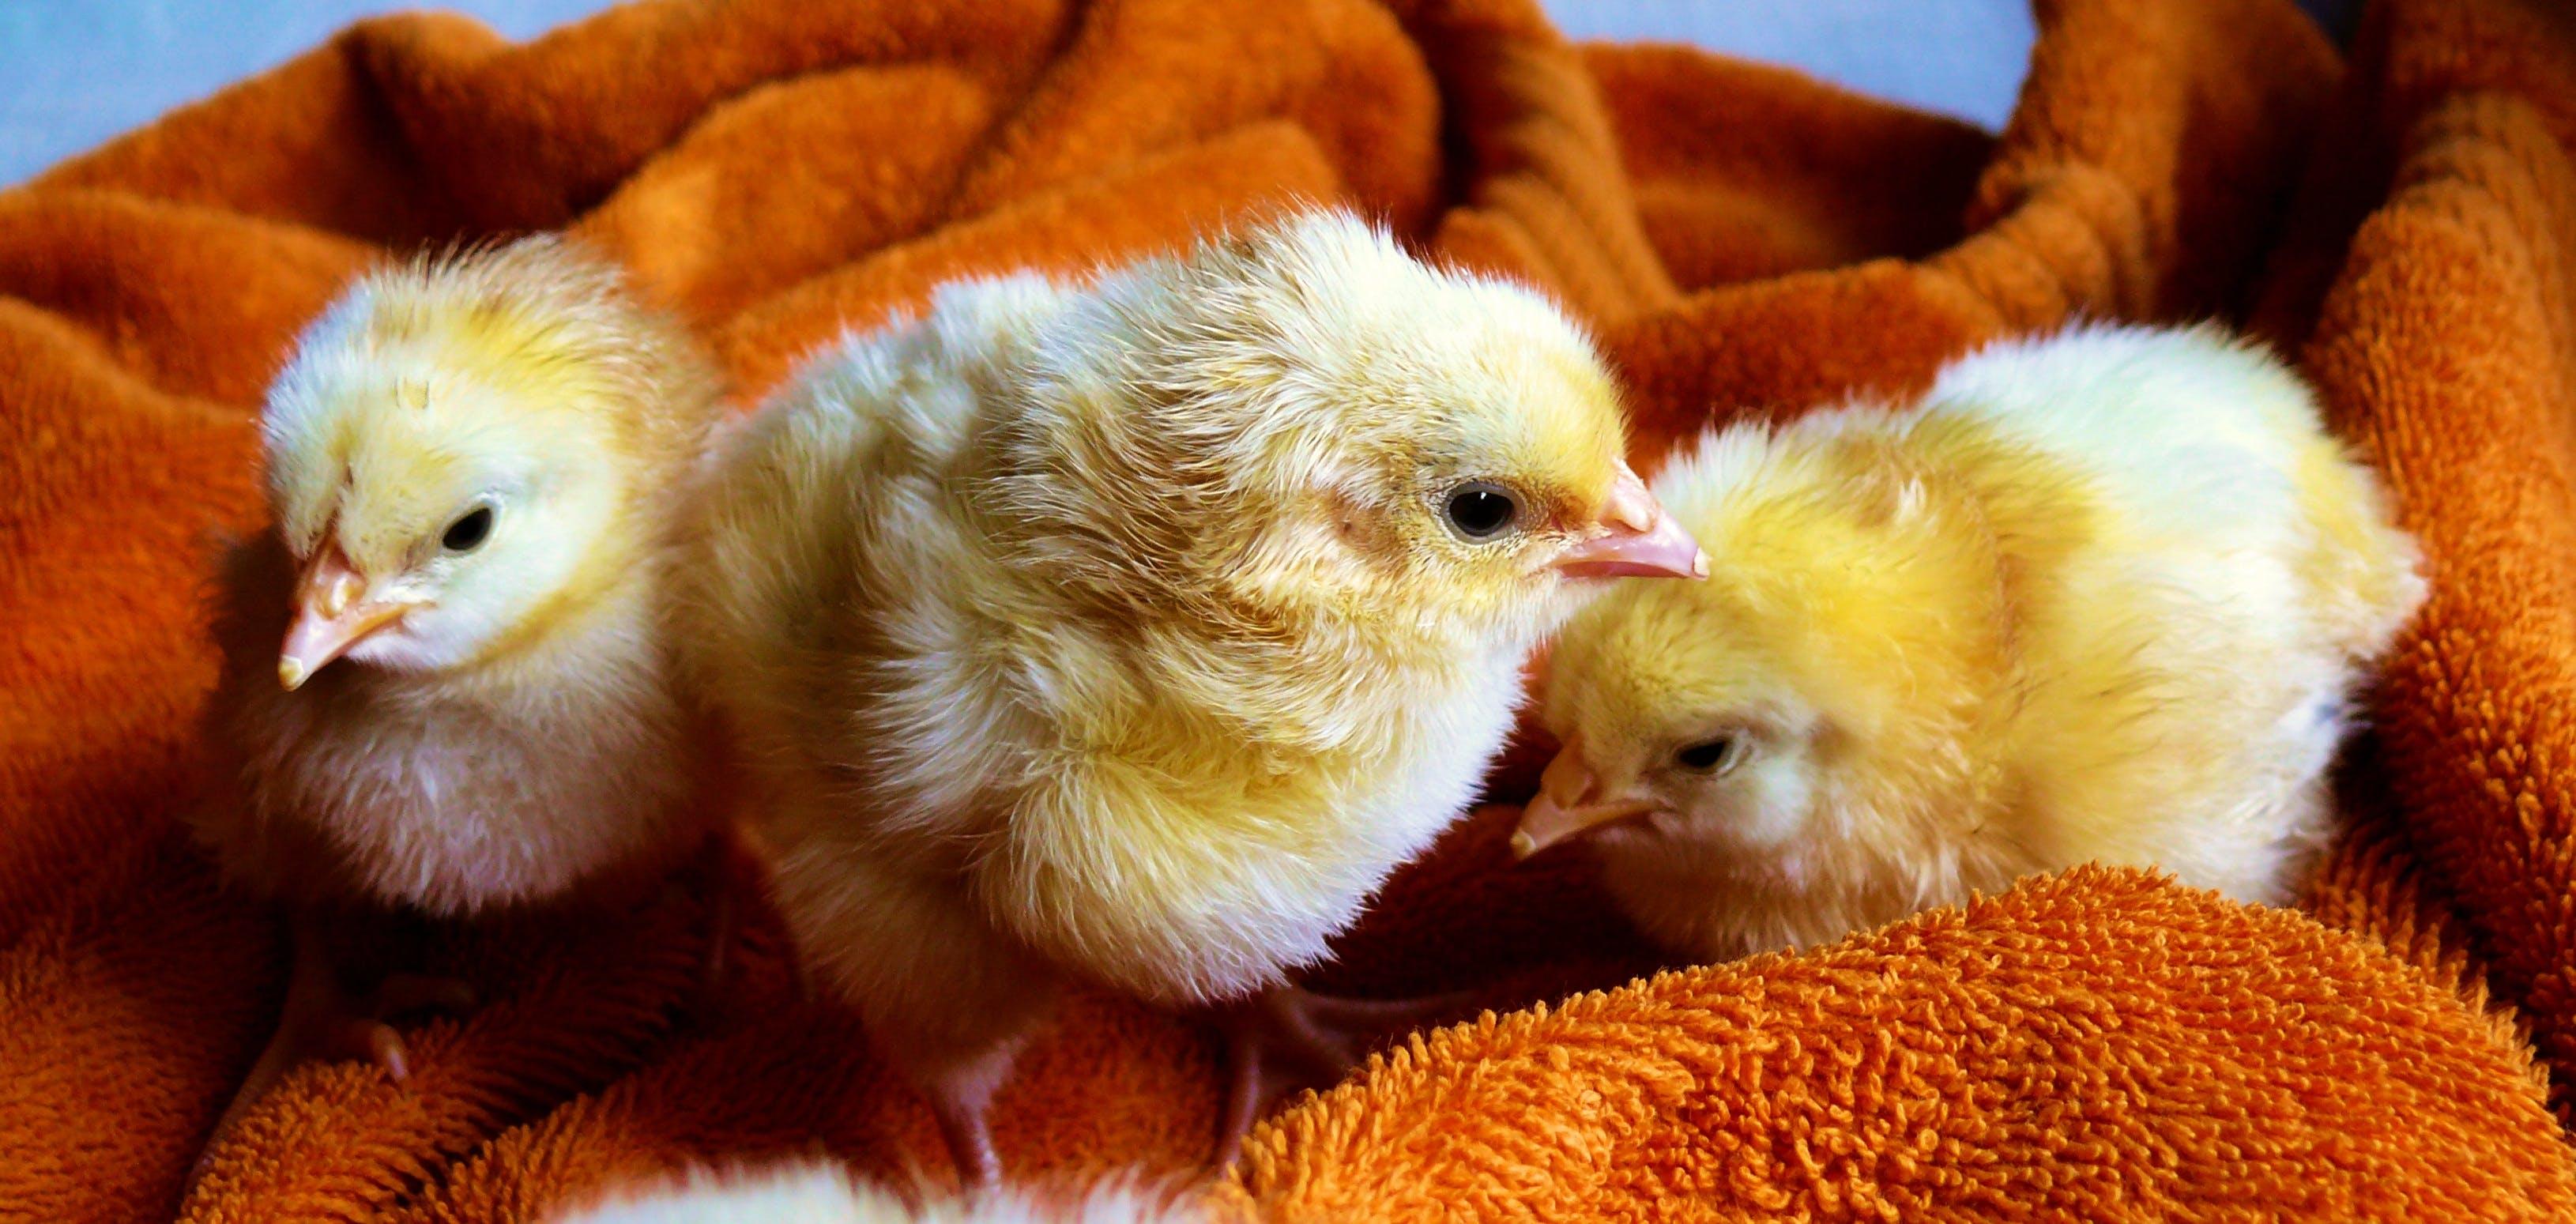 Three Yellow Chicks